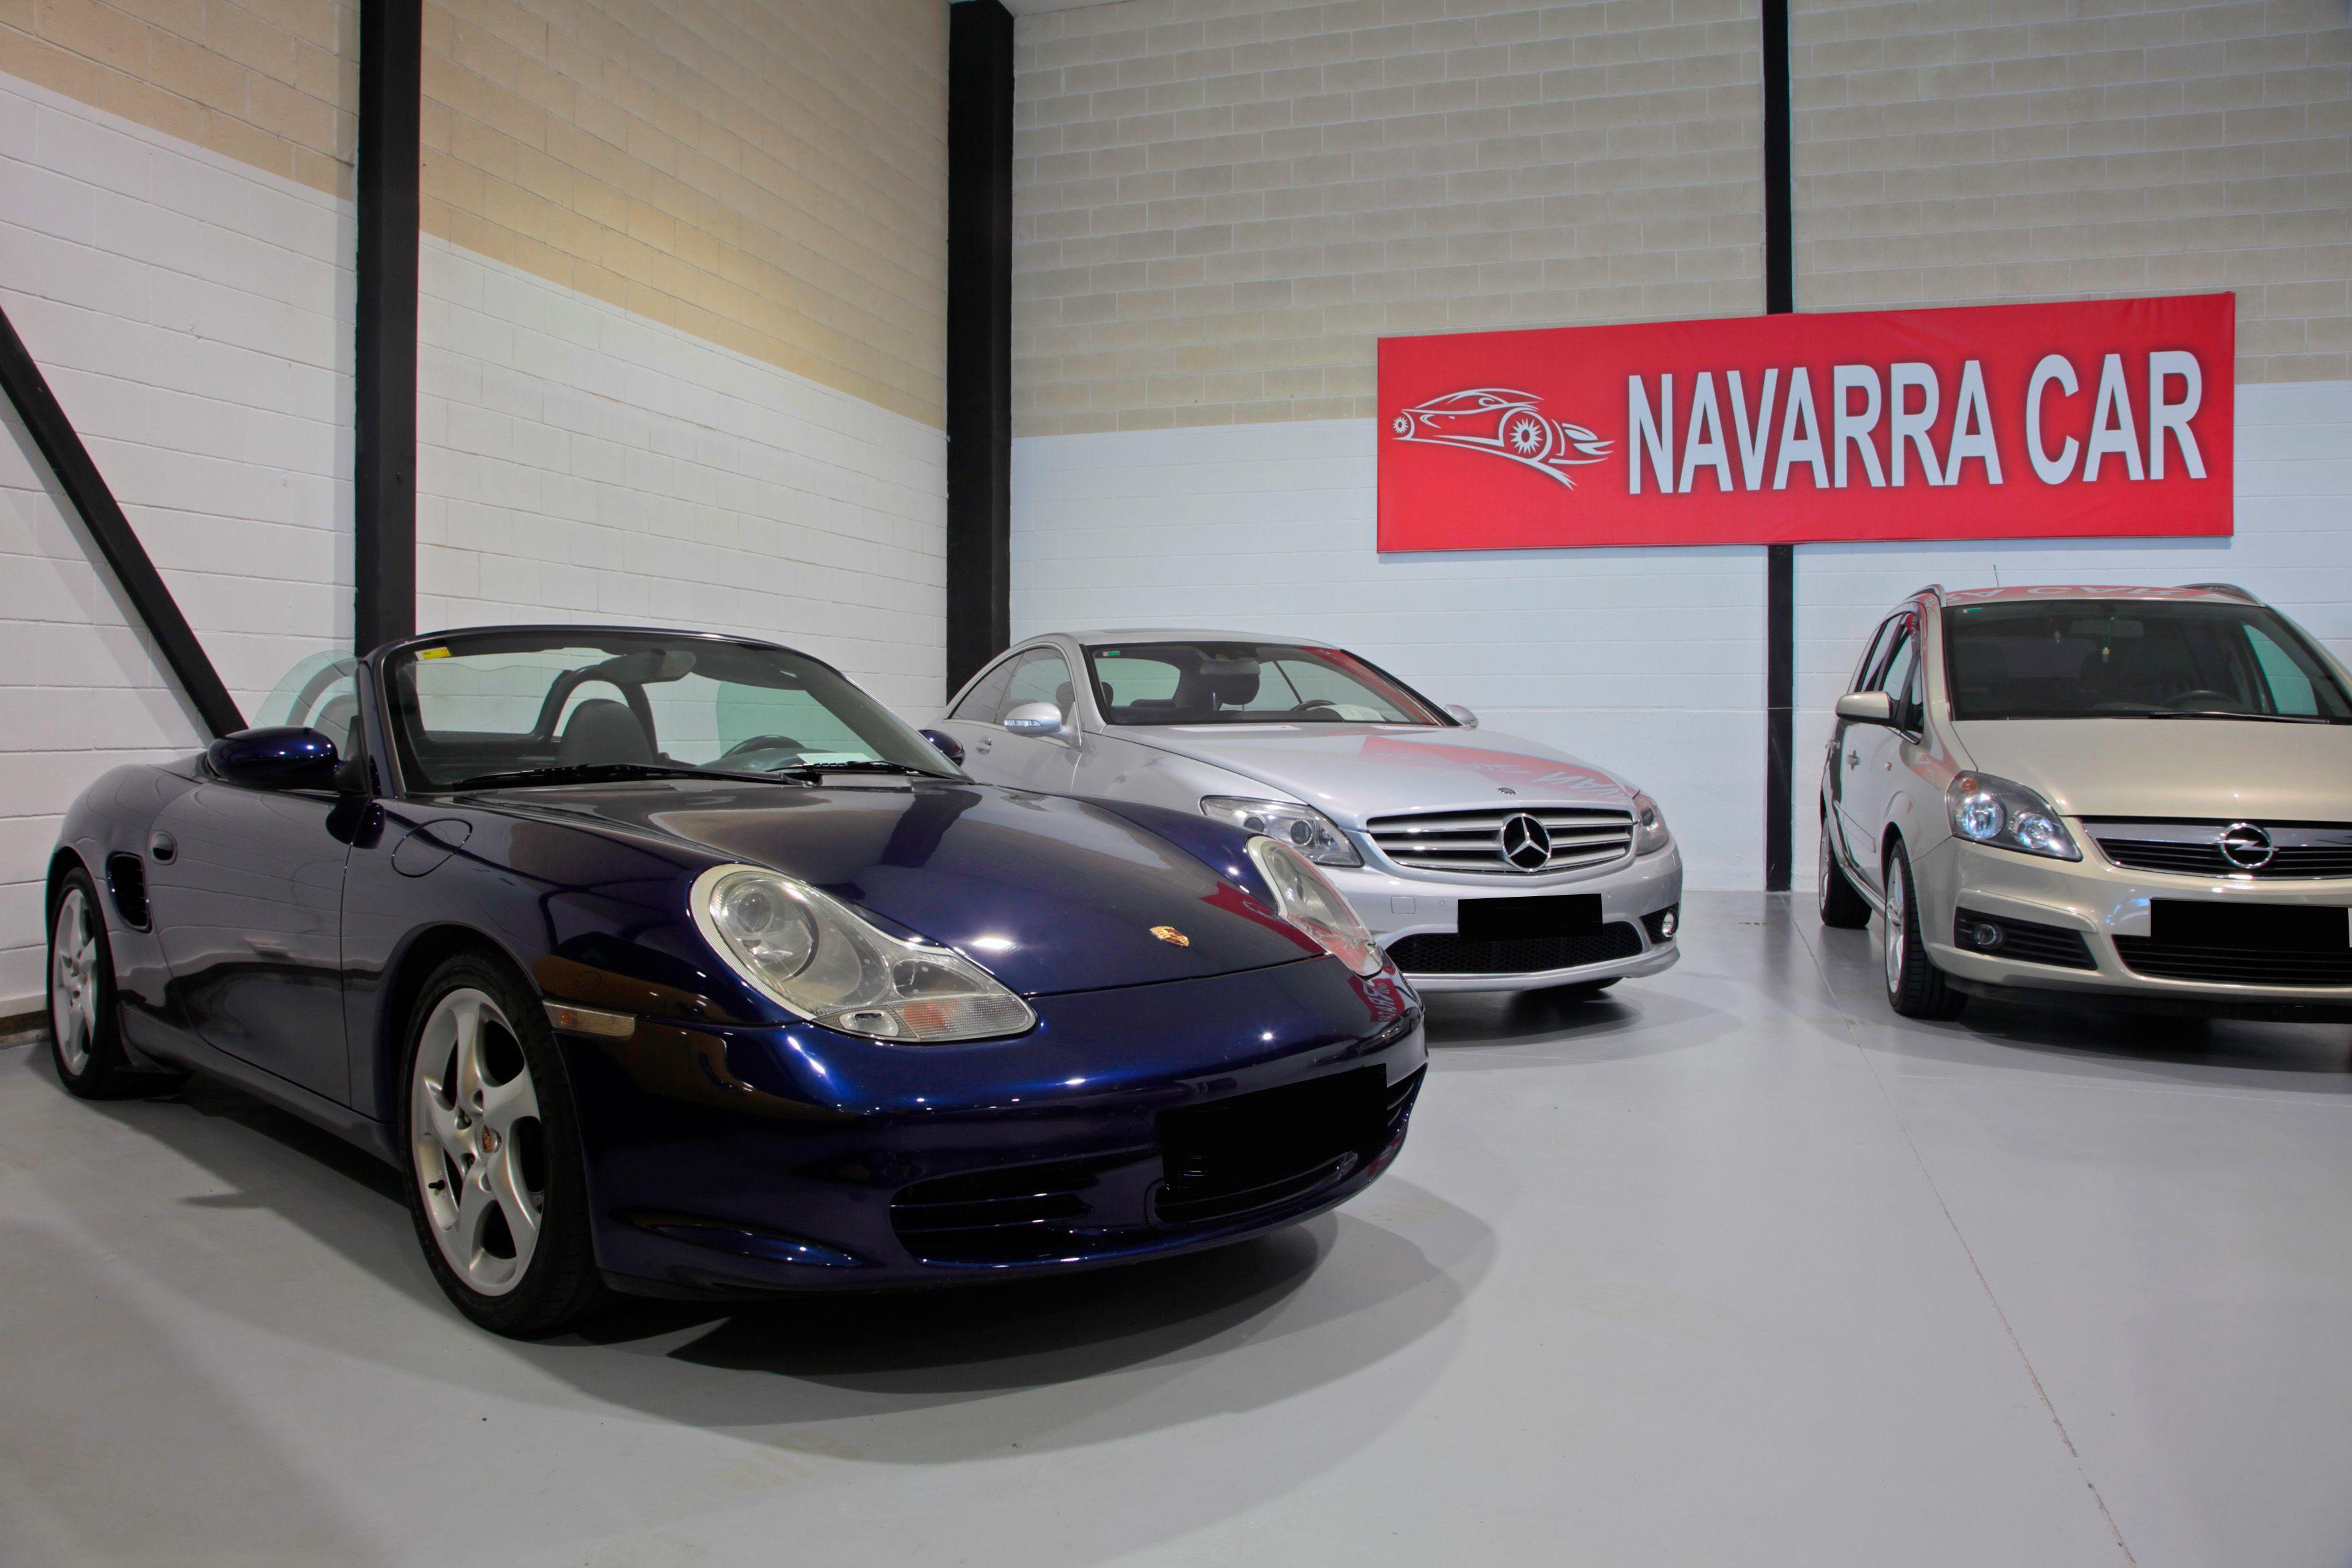 Venta de vehículos de marcas tan prestigiosas como Mercedes